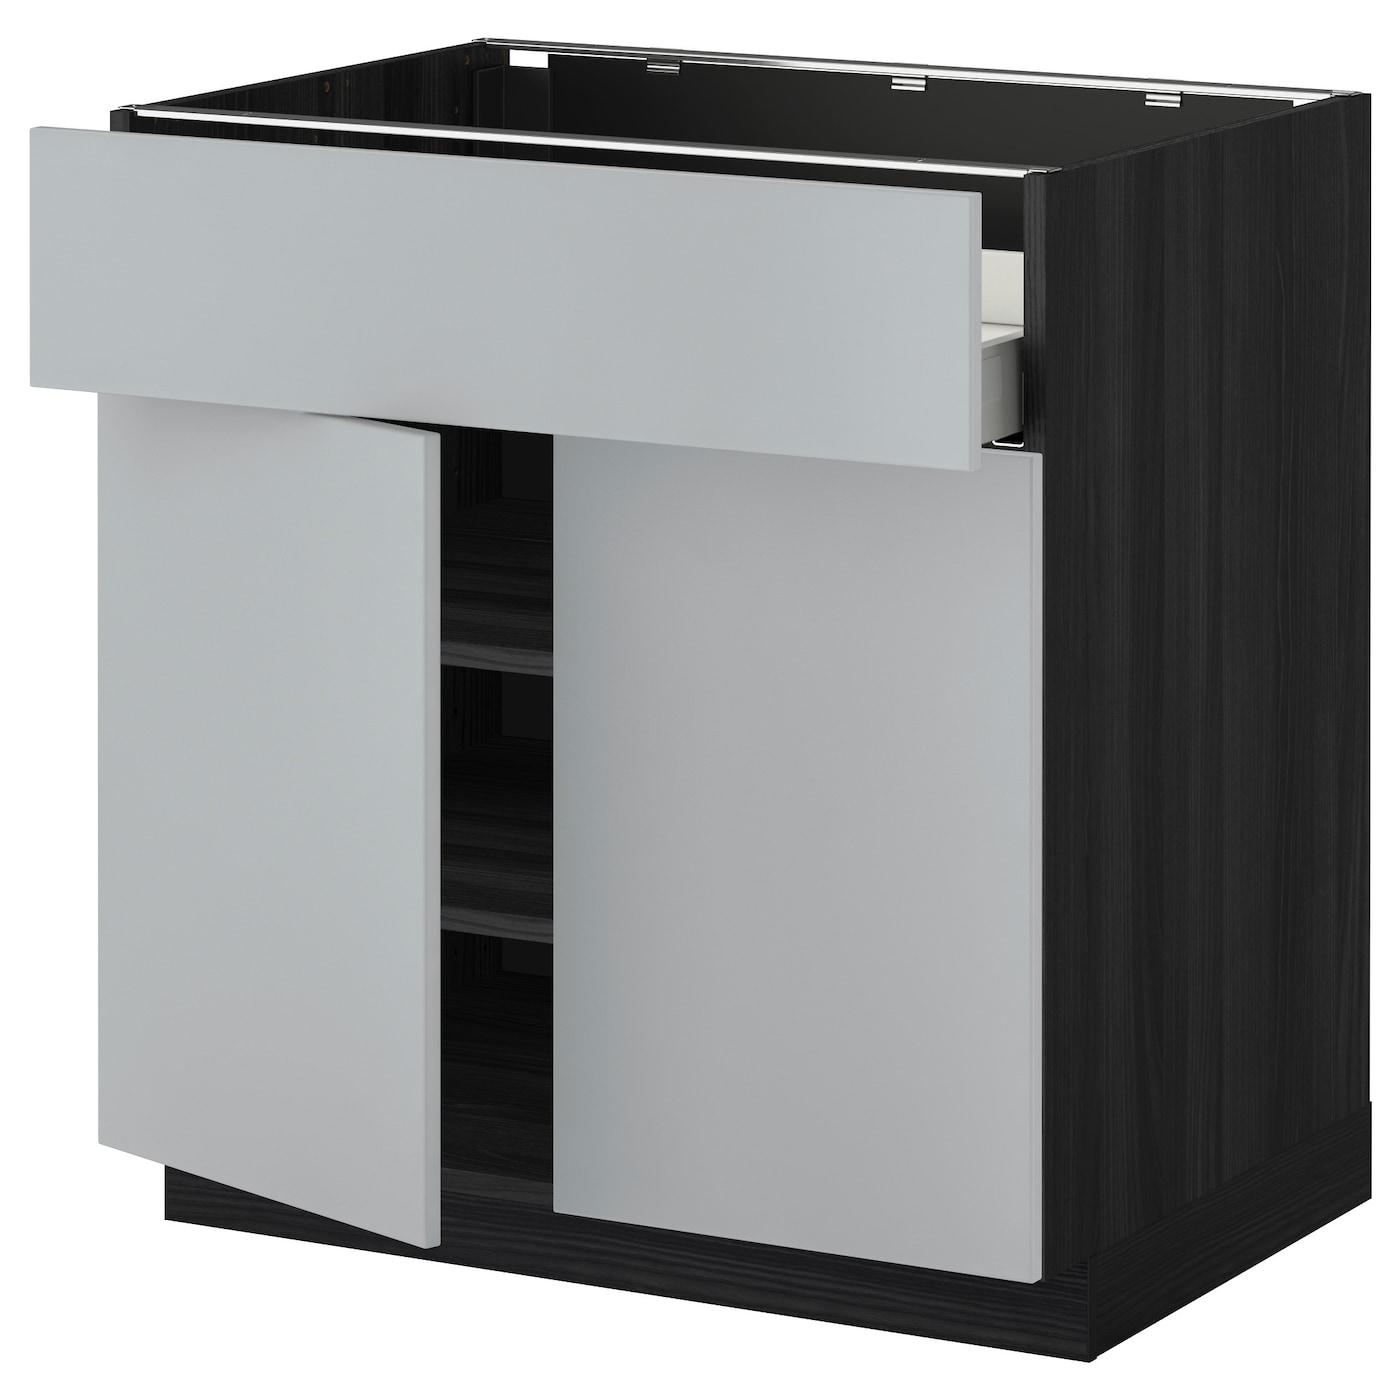 Niedlich Ikea Küchentür Knöpfe Uk Galerie - Küchen Design Ideen ...